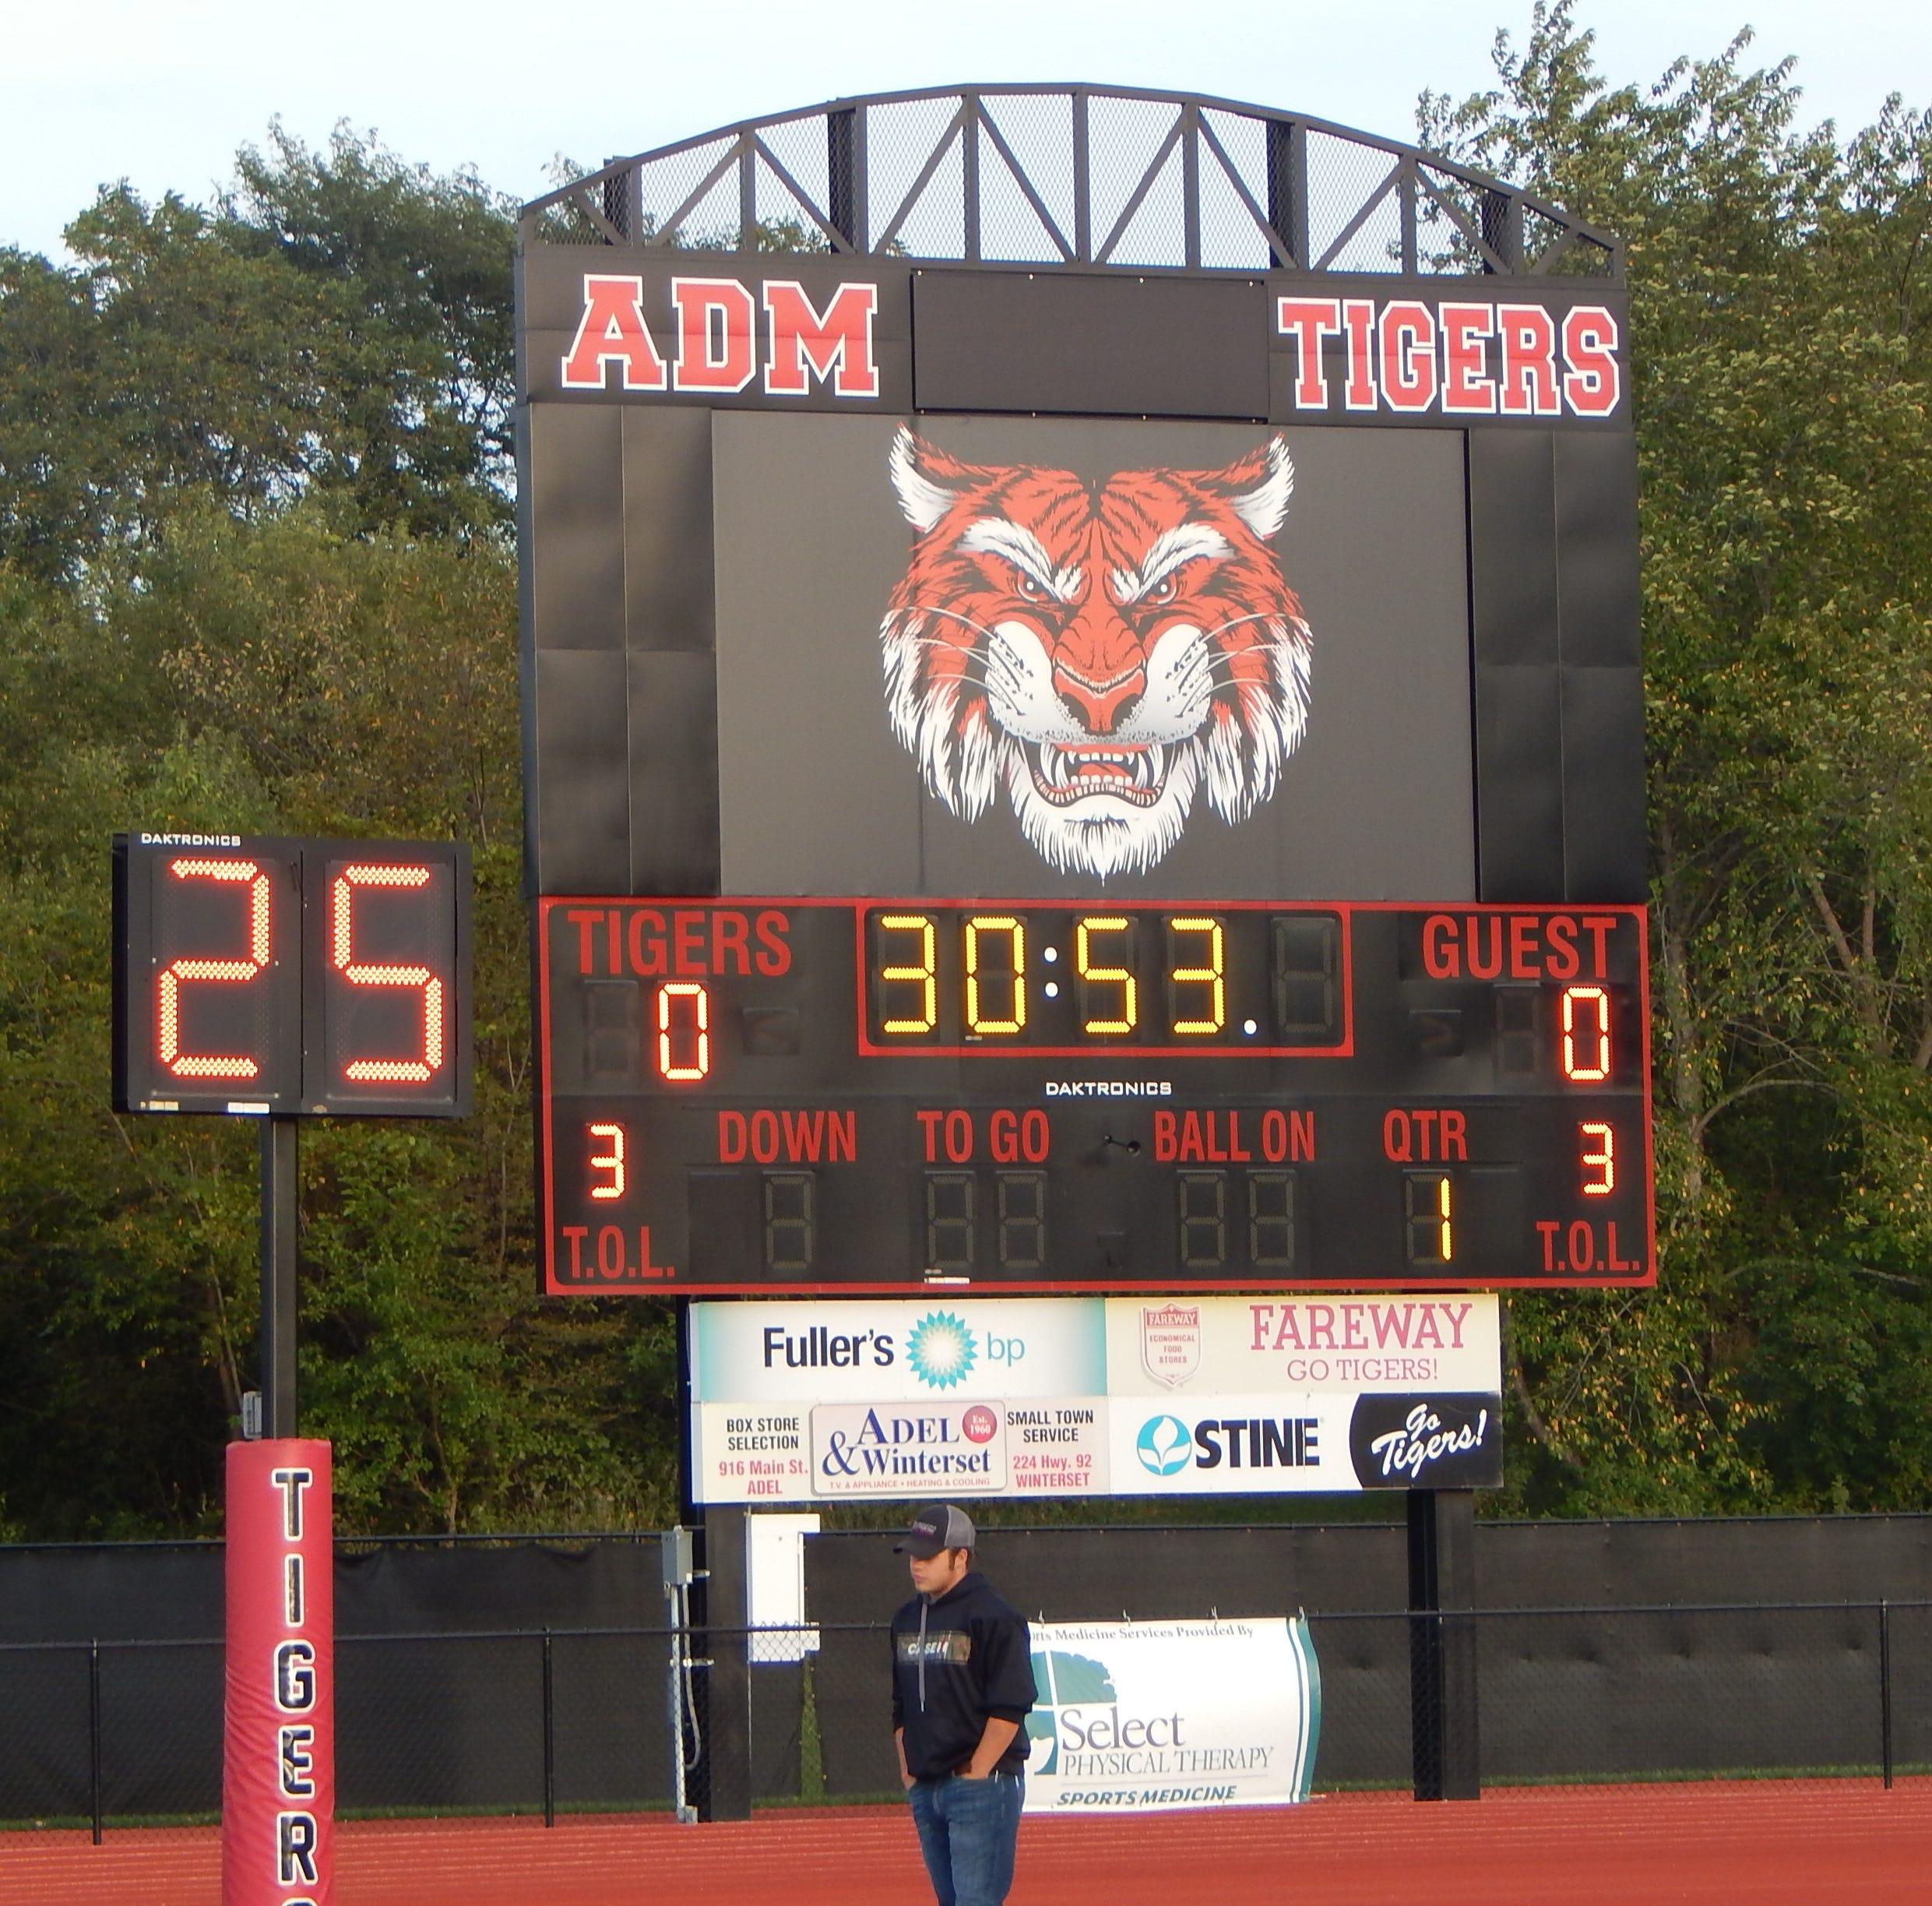 ADM of Adel scoreboard